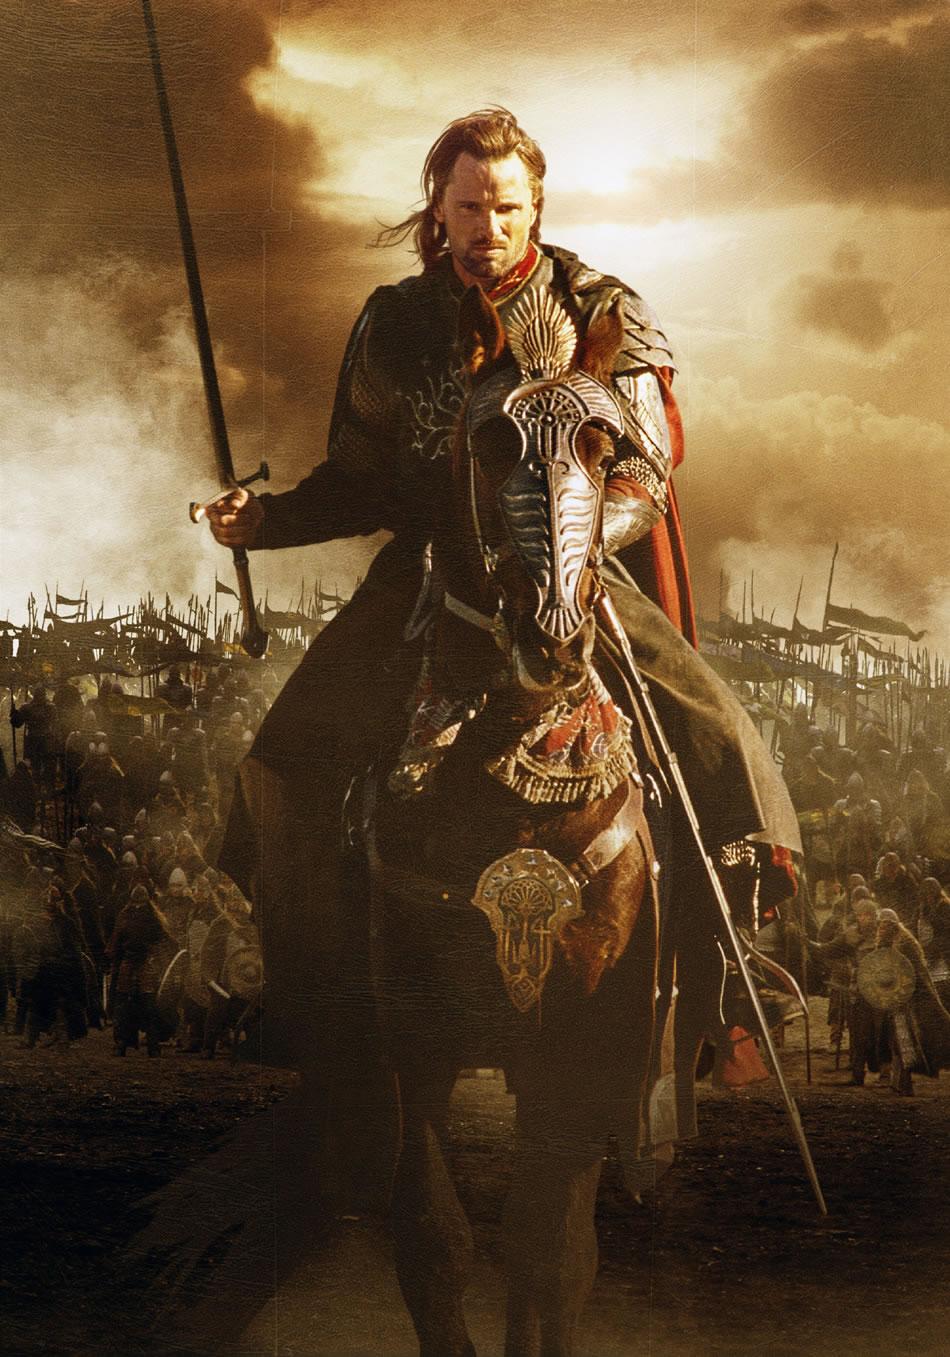 Le Seigneur des Anneaux / The Hobbit #3 Aragorn2